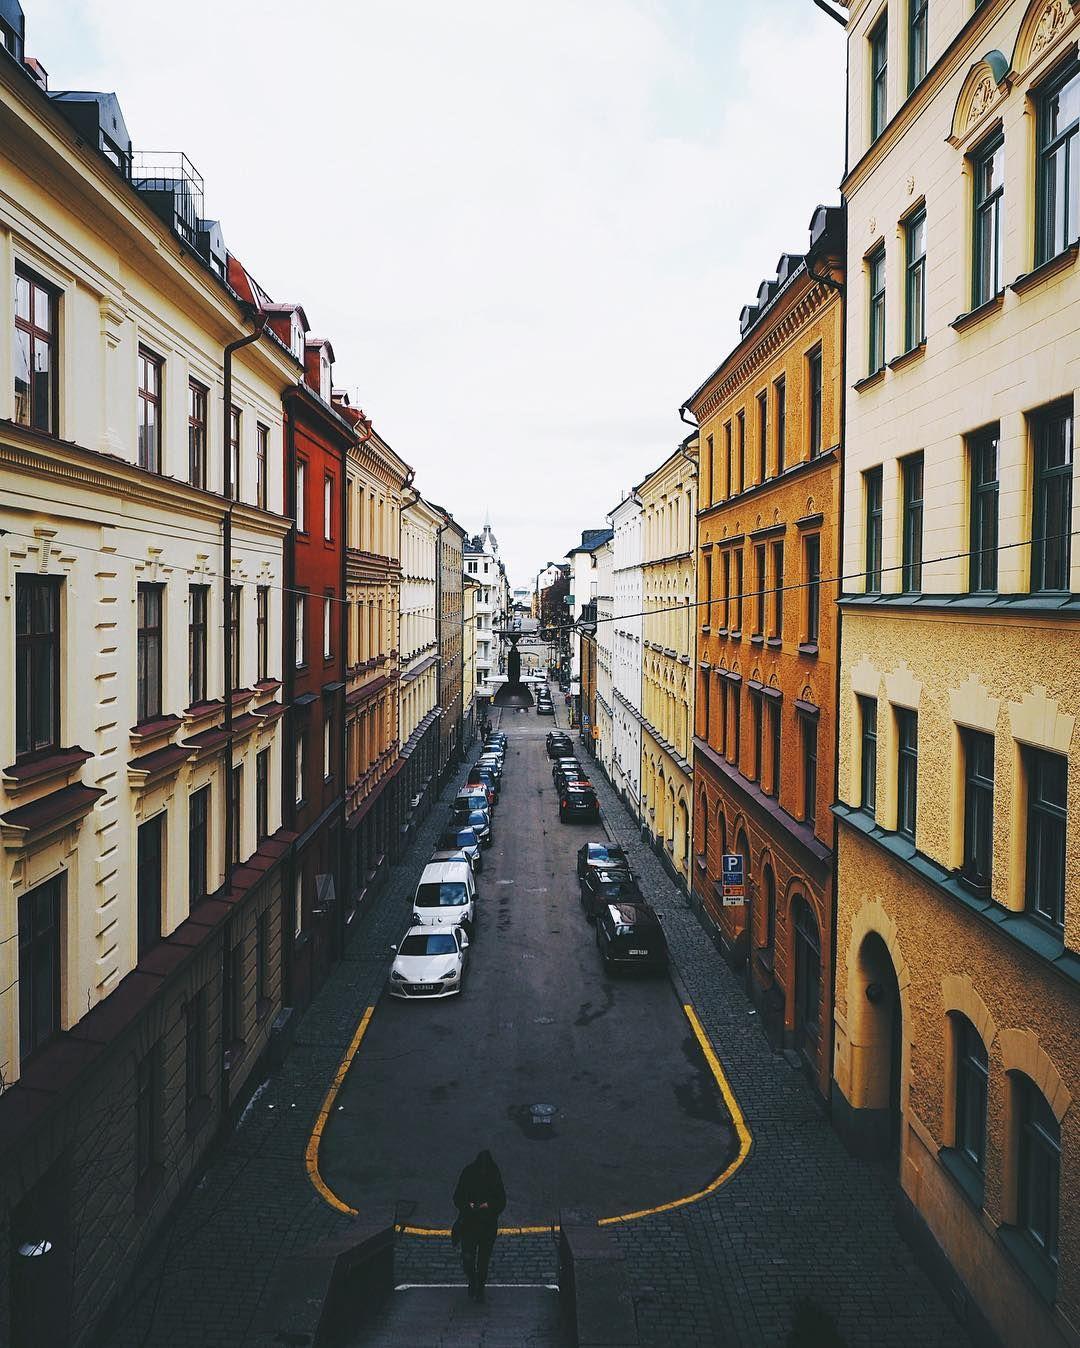 Häng med mig @jonasanhede @sannalinn @Olympussverige @Scandinavianphoto på en Instawalk!  Lördag den 19 mars har du möjlighet att hänga med oss på en #instawalk eller #instabus. Du kommer få låna och testa Olympus nya kamera PEN-F och en massa olika objektiv.  Vi träffas 09:30 på ScandinavianPhoto på Sveavägen i Stockholm för att sedan 10:00 ta oss med egen buss ut till ett nice ställe på Ekerö. Där kommer vi gå loss med nya PEN-F. Ett fotostopp till hinner vi med innan vi är tillbaka i…